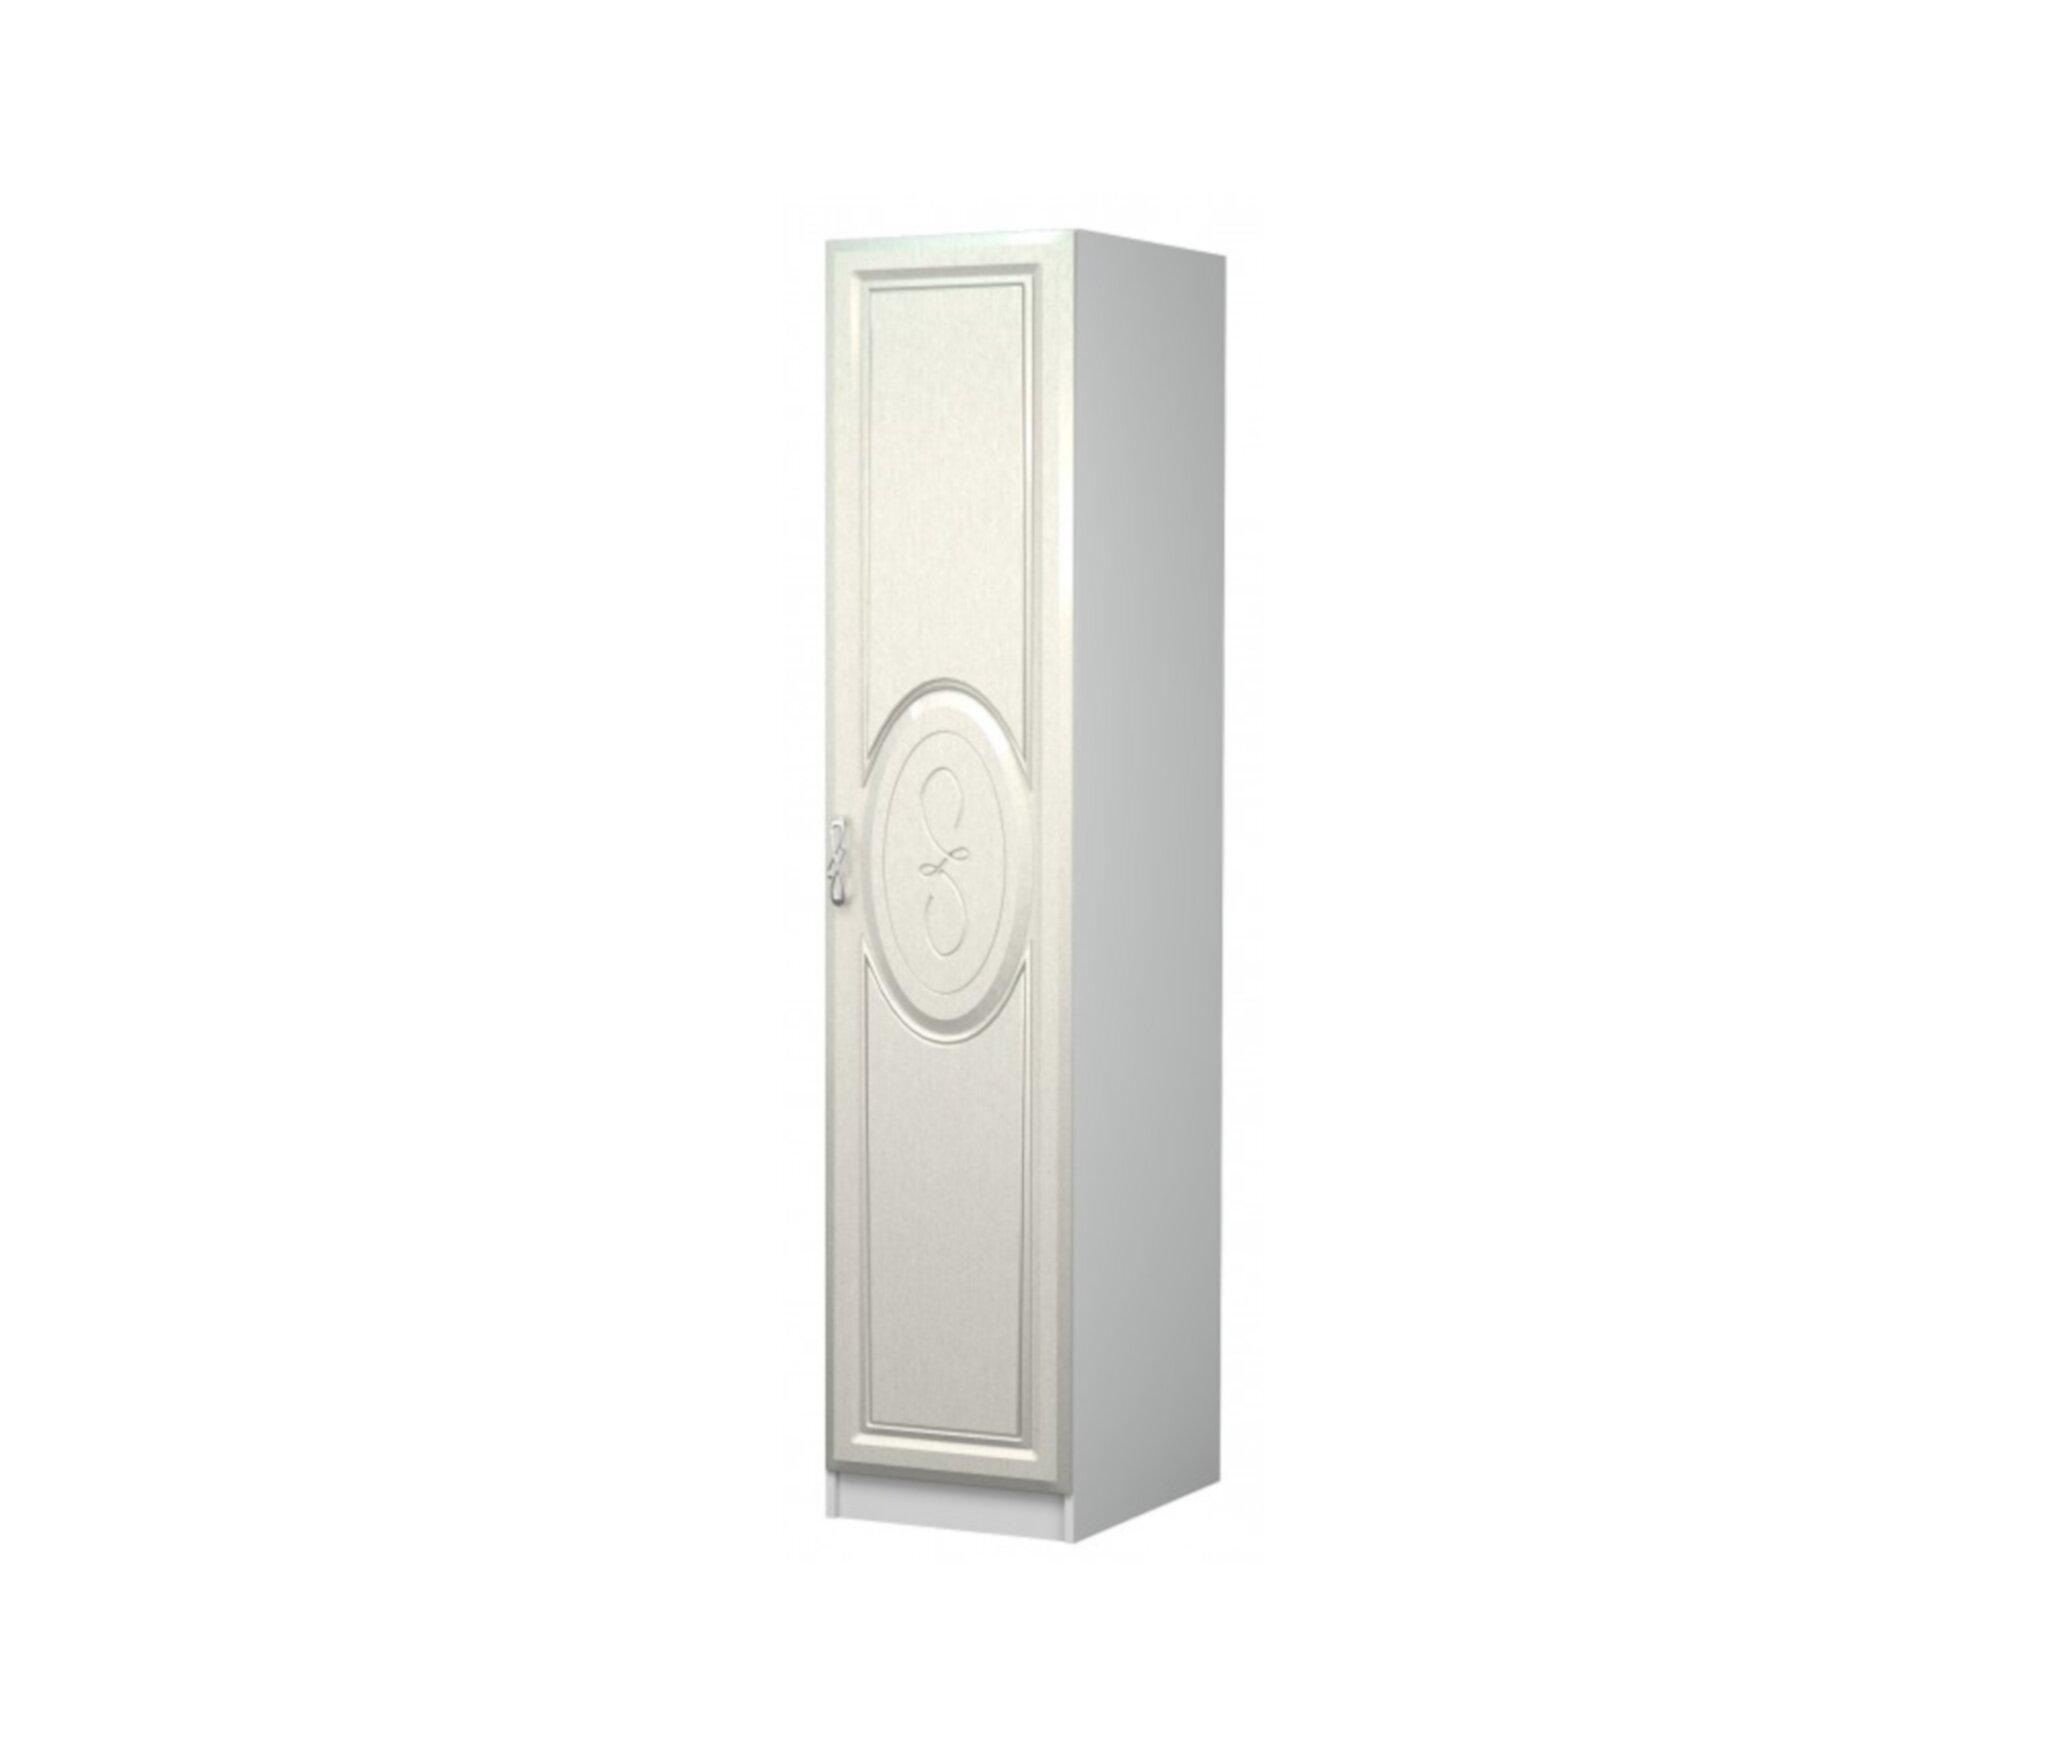 Пенал Жемчужинка белый/шелк патина распашные шкафы 2 дверные